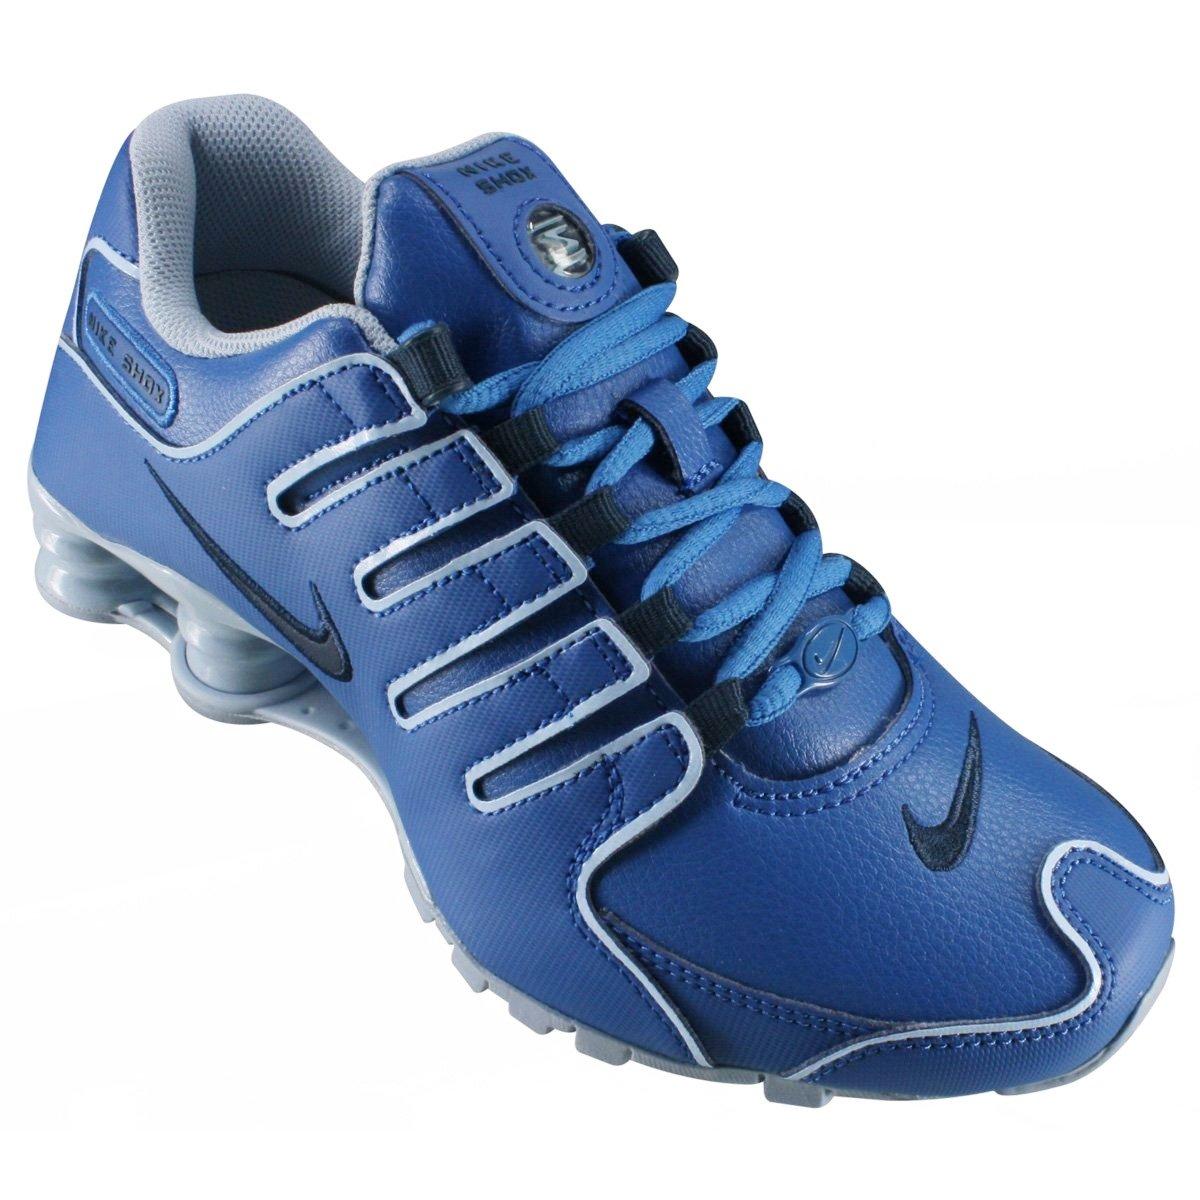 9e9909e071 Tênis Feminino WMNS Nike Shox Nz 636088-401 - Azul Preto - Calçados ...